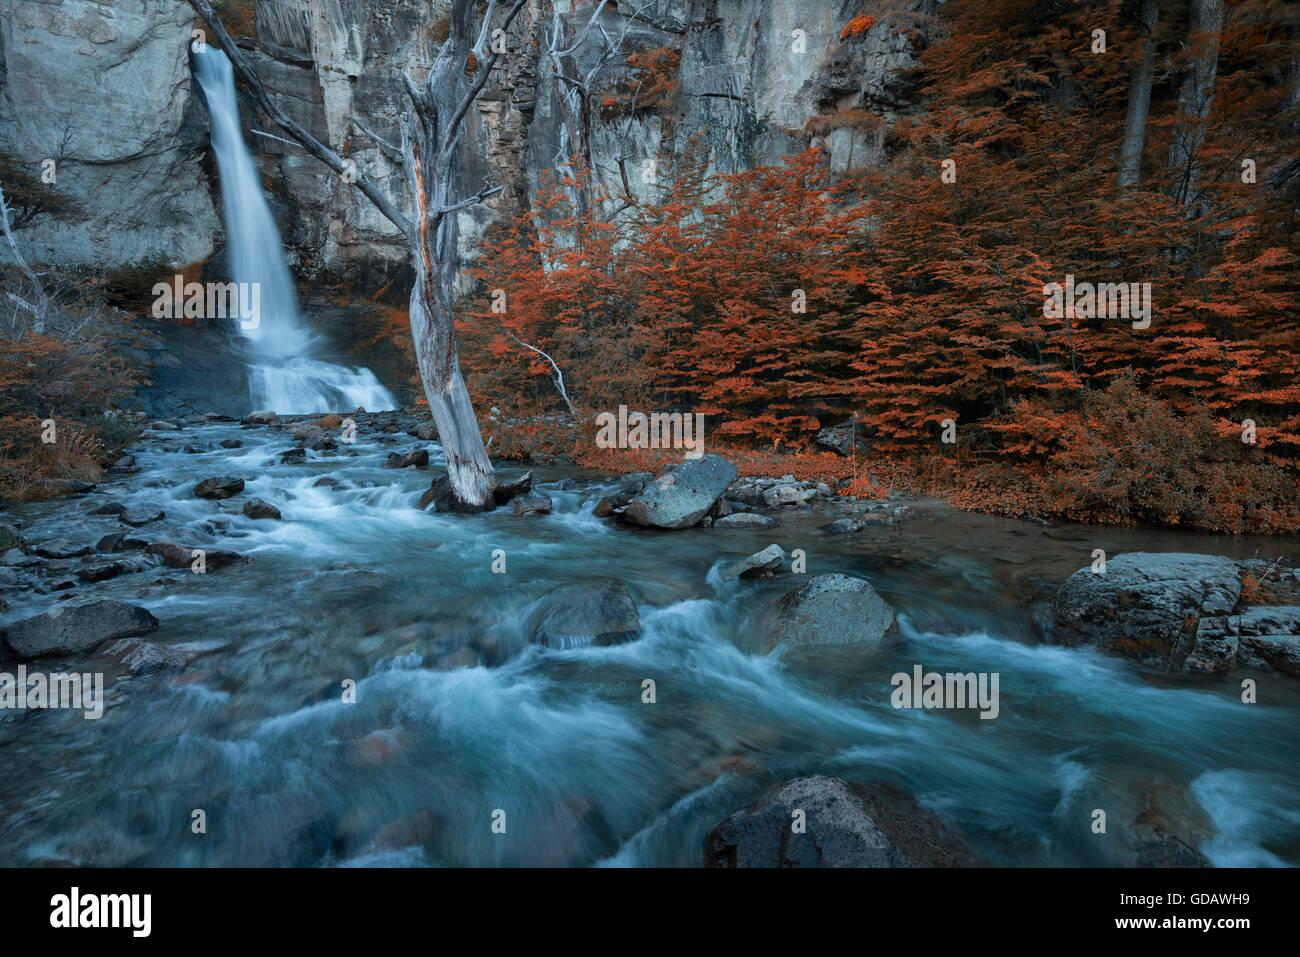 América del Sur,Patagonia,Argentina,Santa Cruz,El Chalten,,Parque Nacional Los Glaciares, Patrimonio Mundial de la UNESCO ,,Fitz Roy,y Foto de stock